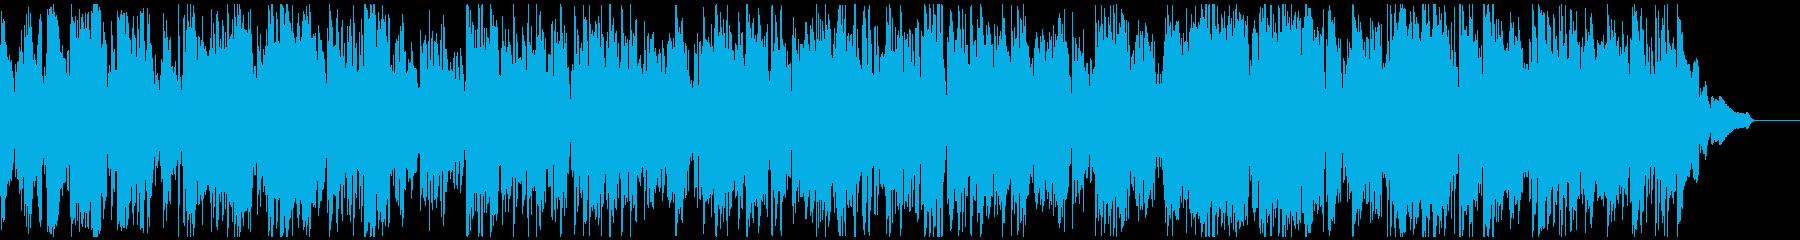 テンポ早め、ドキドキ、わくわくするジャズの再生済みの波形